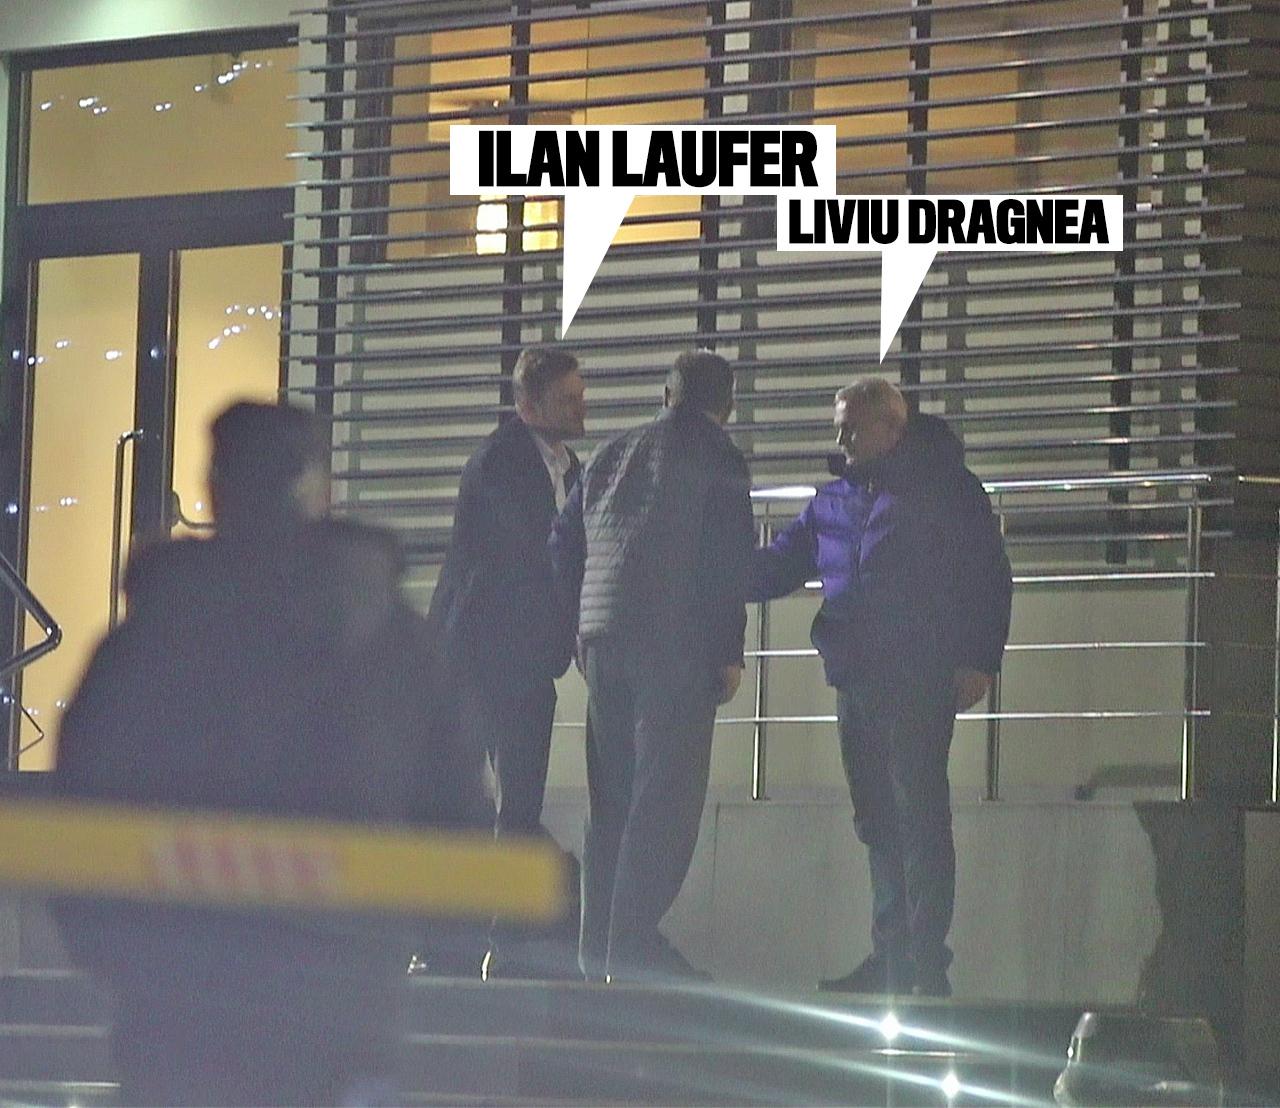 Ilan Laufer îl salută de rămas bun pe Liviu Dragnea